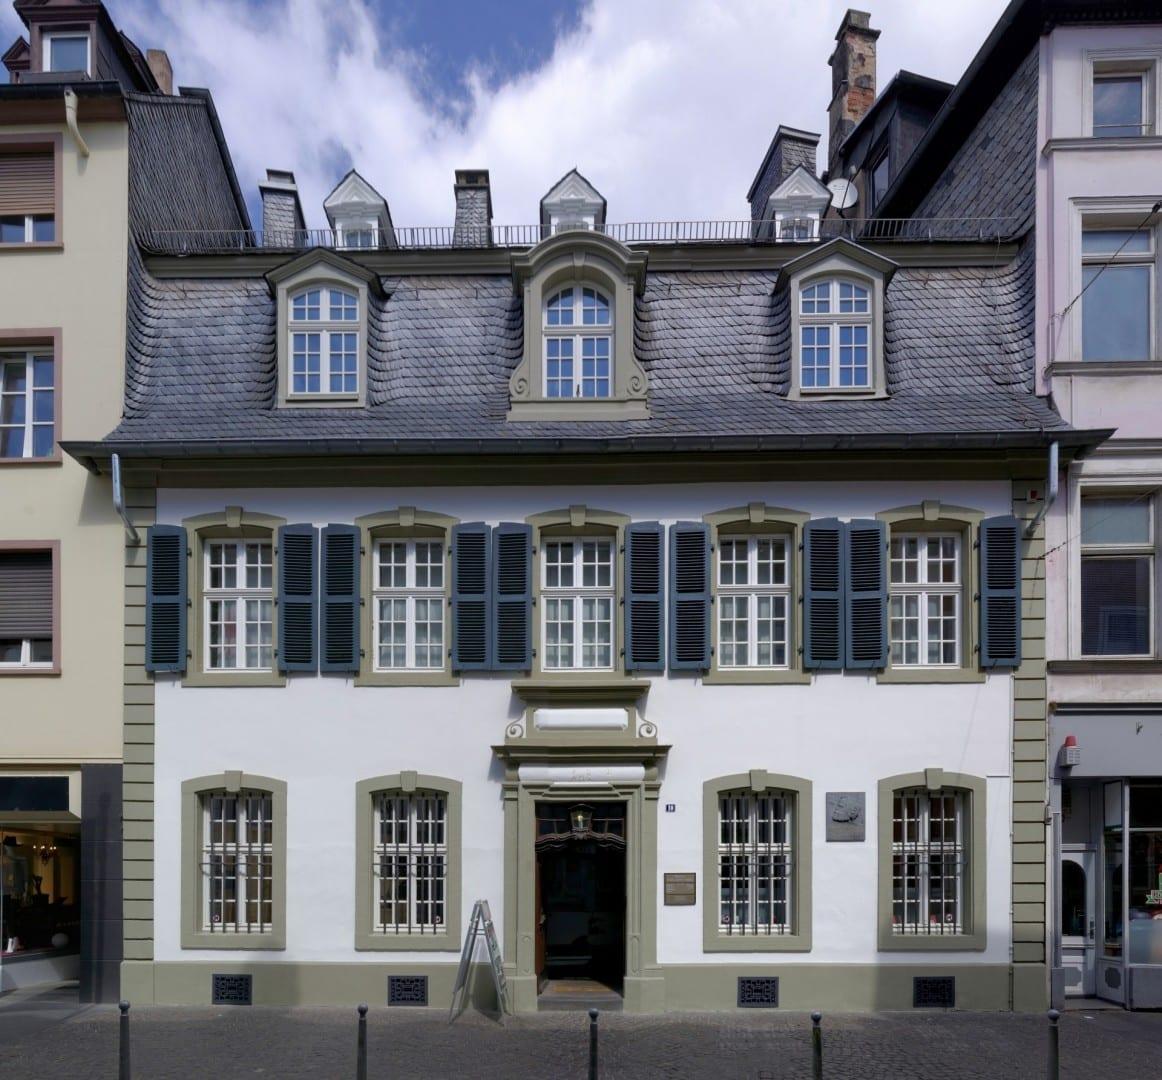 El lugar de nacimiento de Karl Marx, un edificio barroco construido en 1727 y que ahora contiene un museo de Marx y el Marxismo Tréveris Alemania